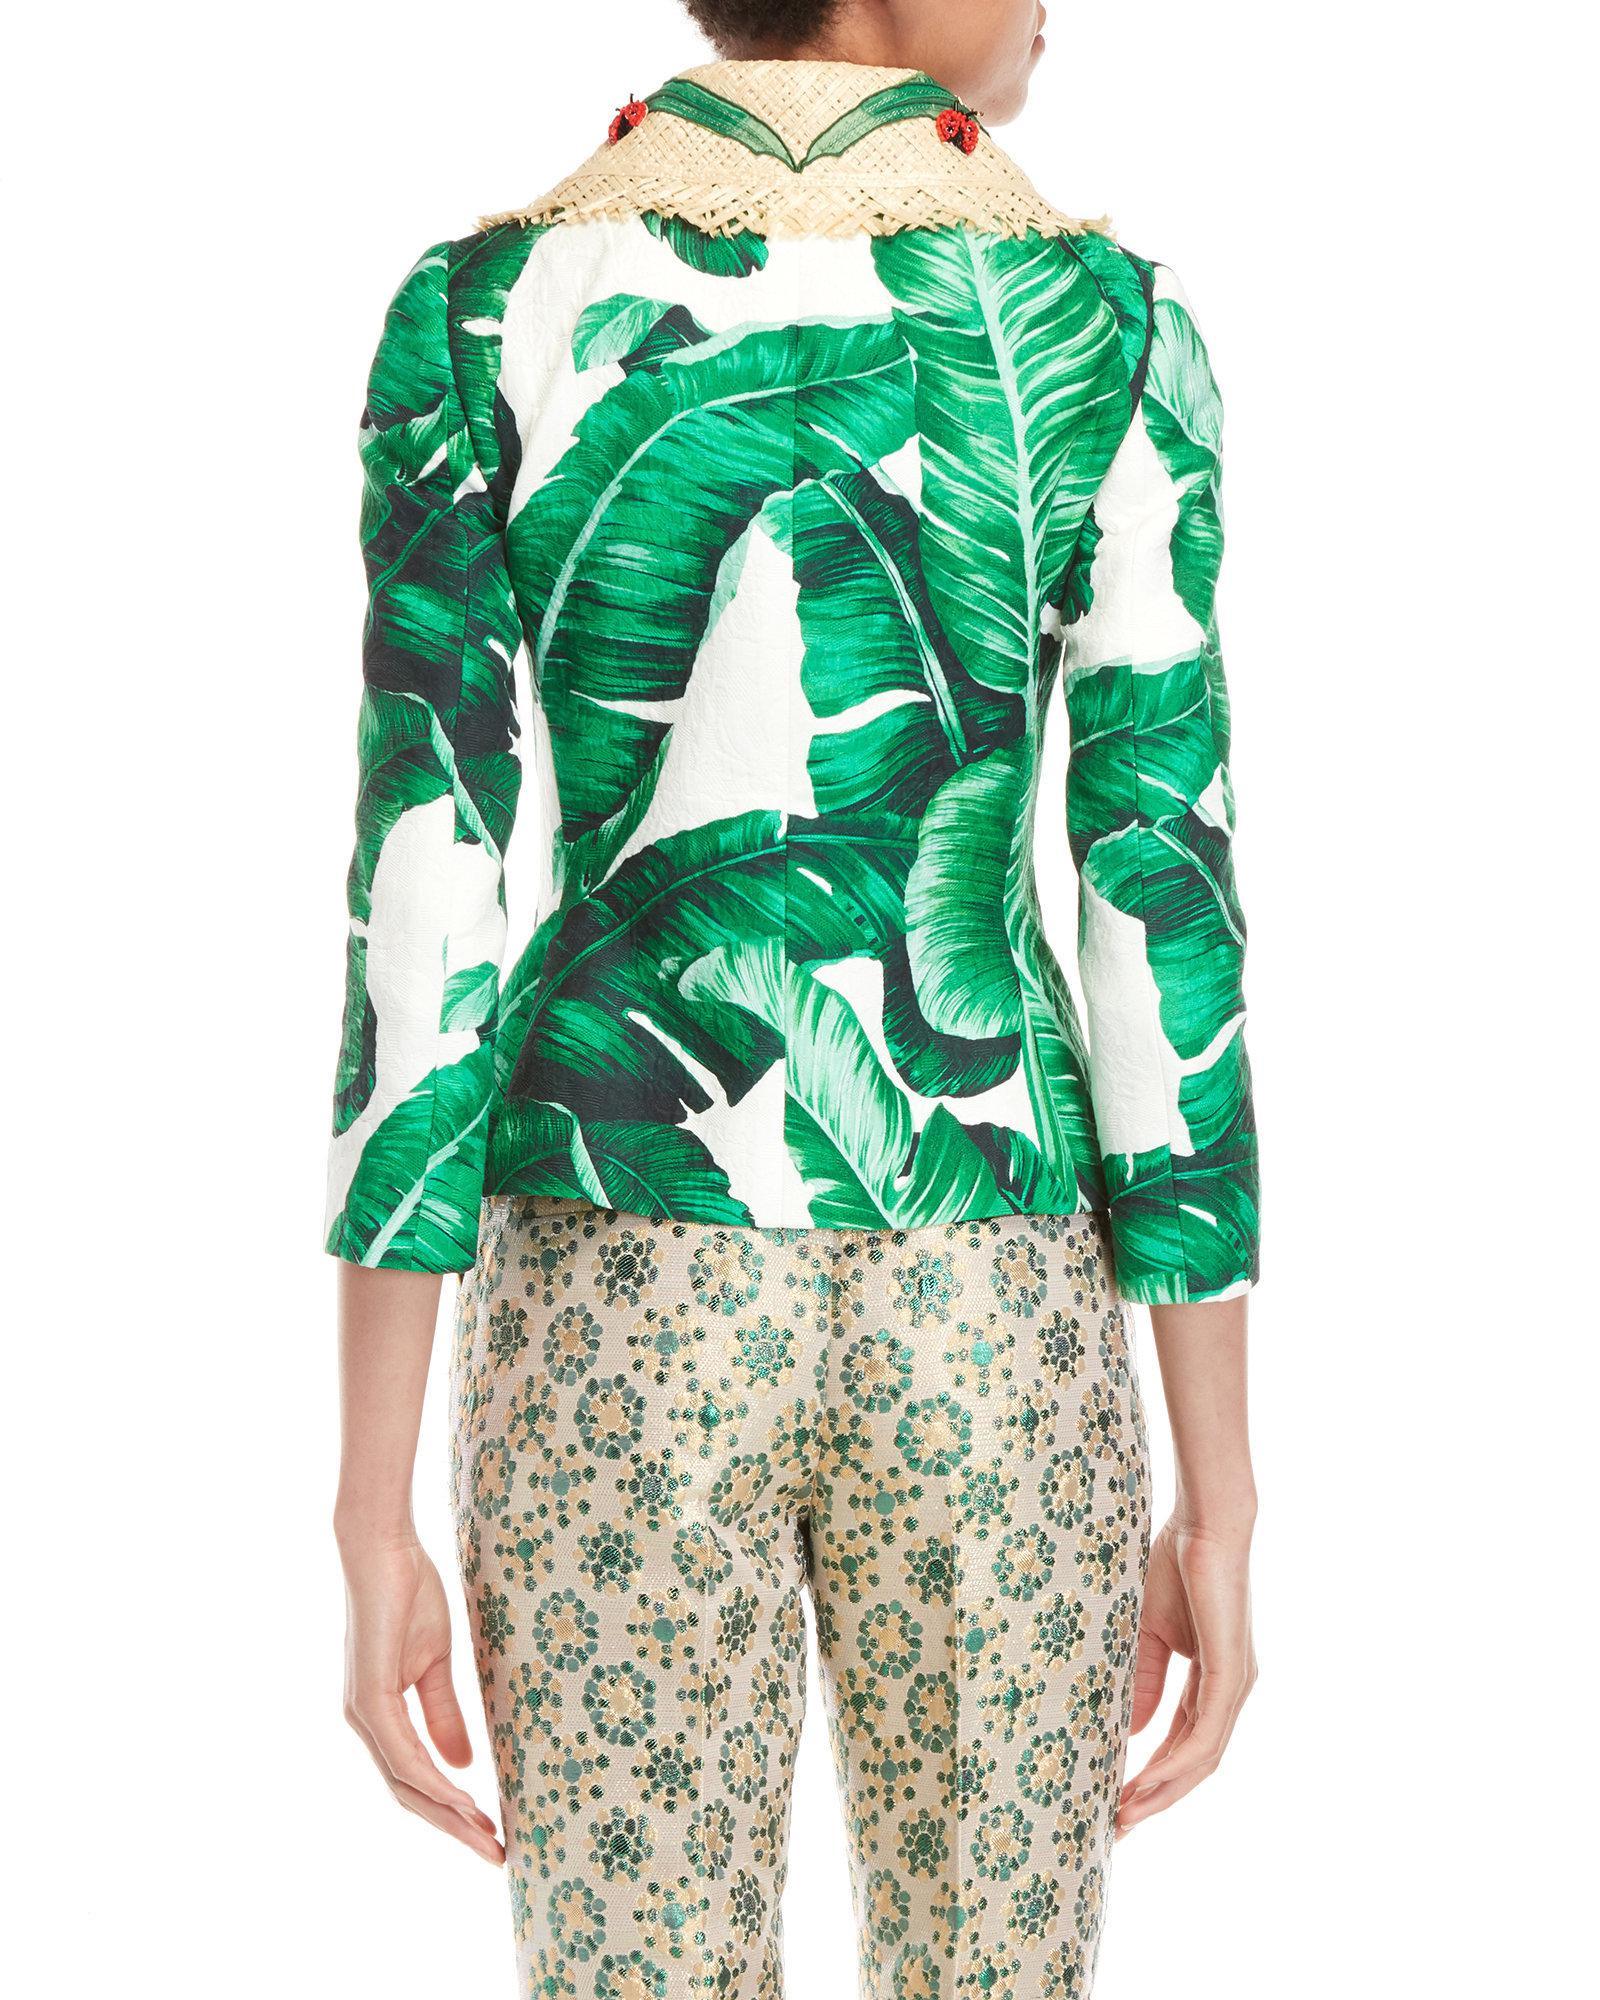 ff836c78 Dolce & Gabbana Embellished Banana Leaf Print Jacquard Jacket in ...